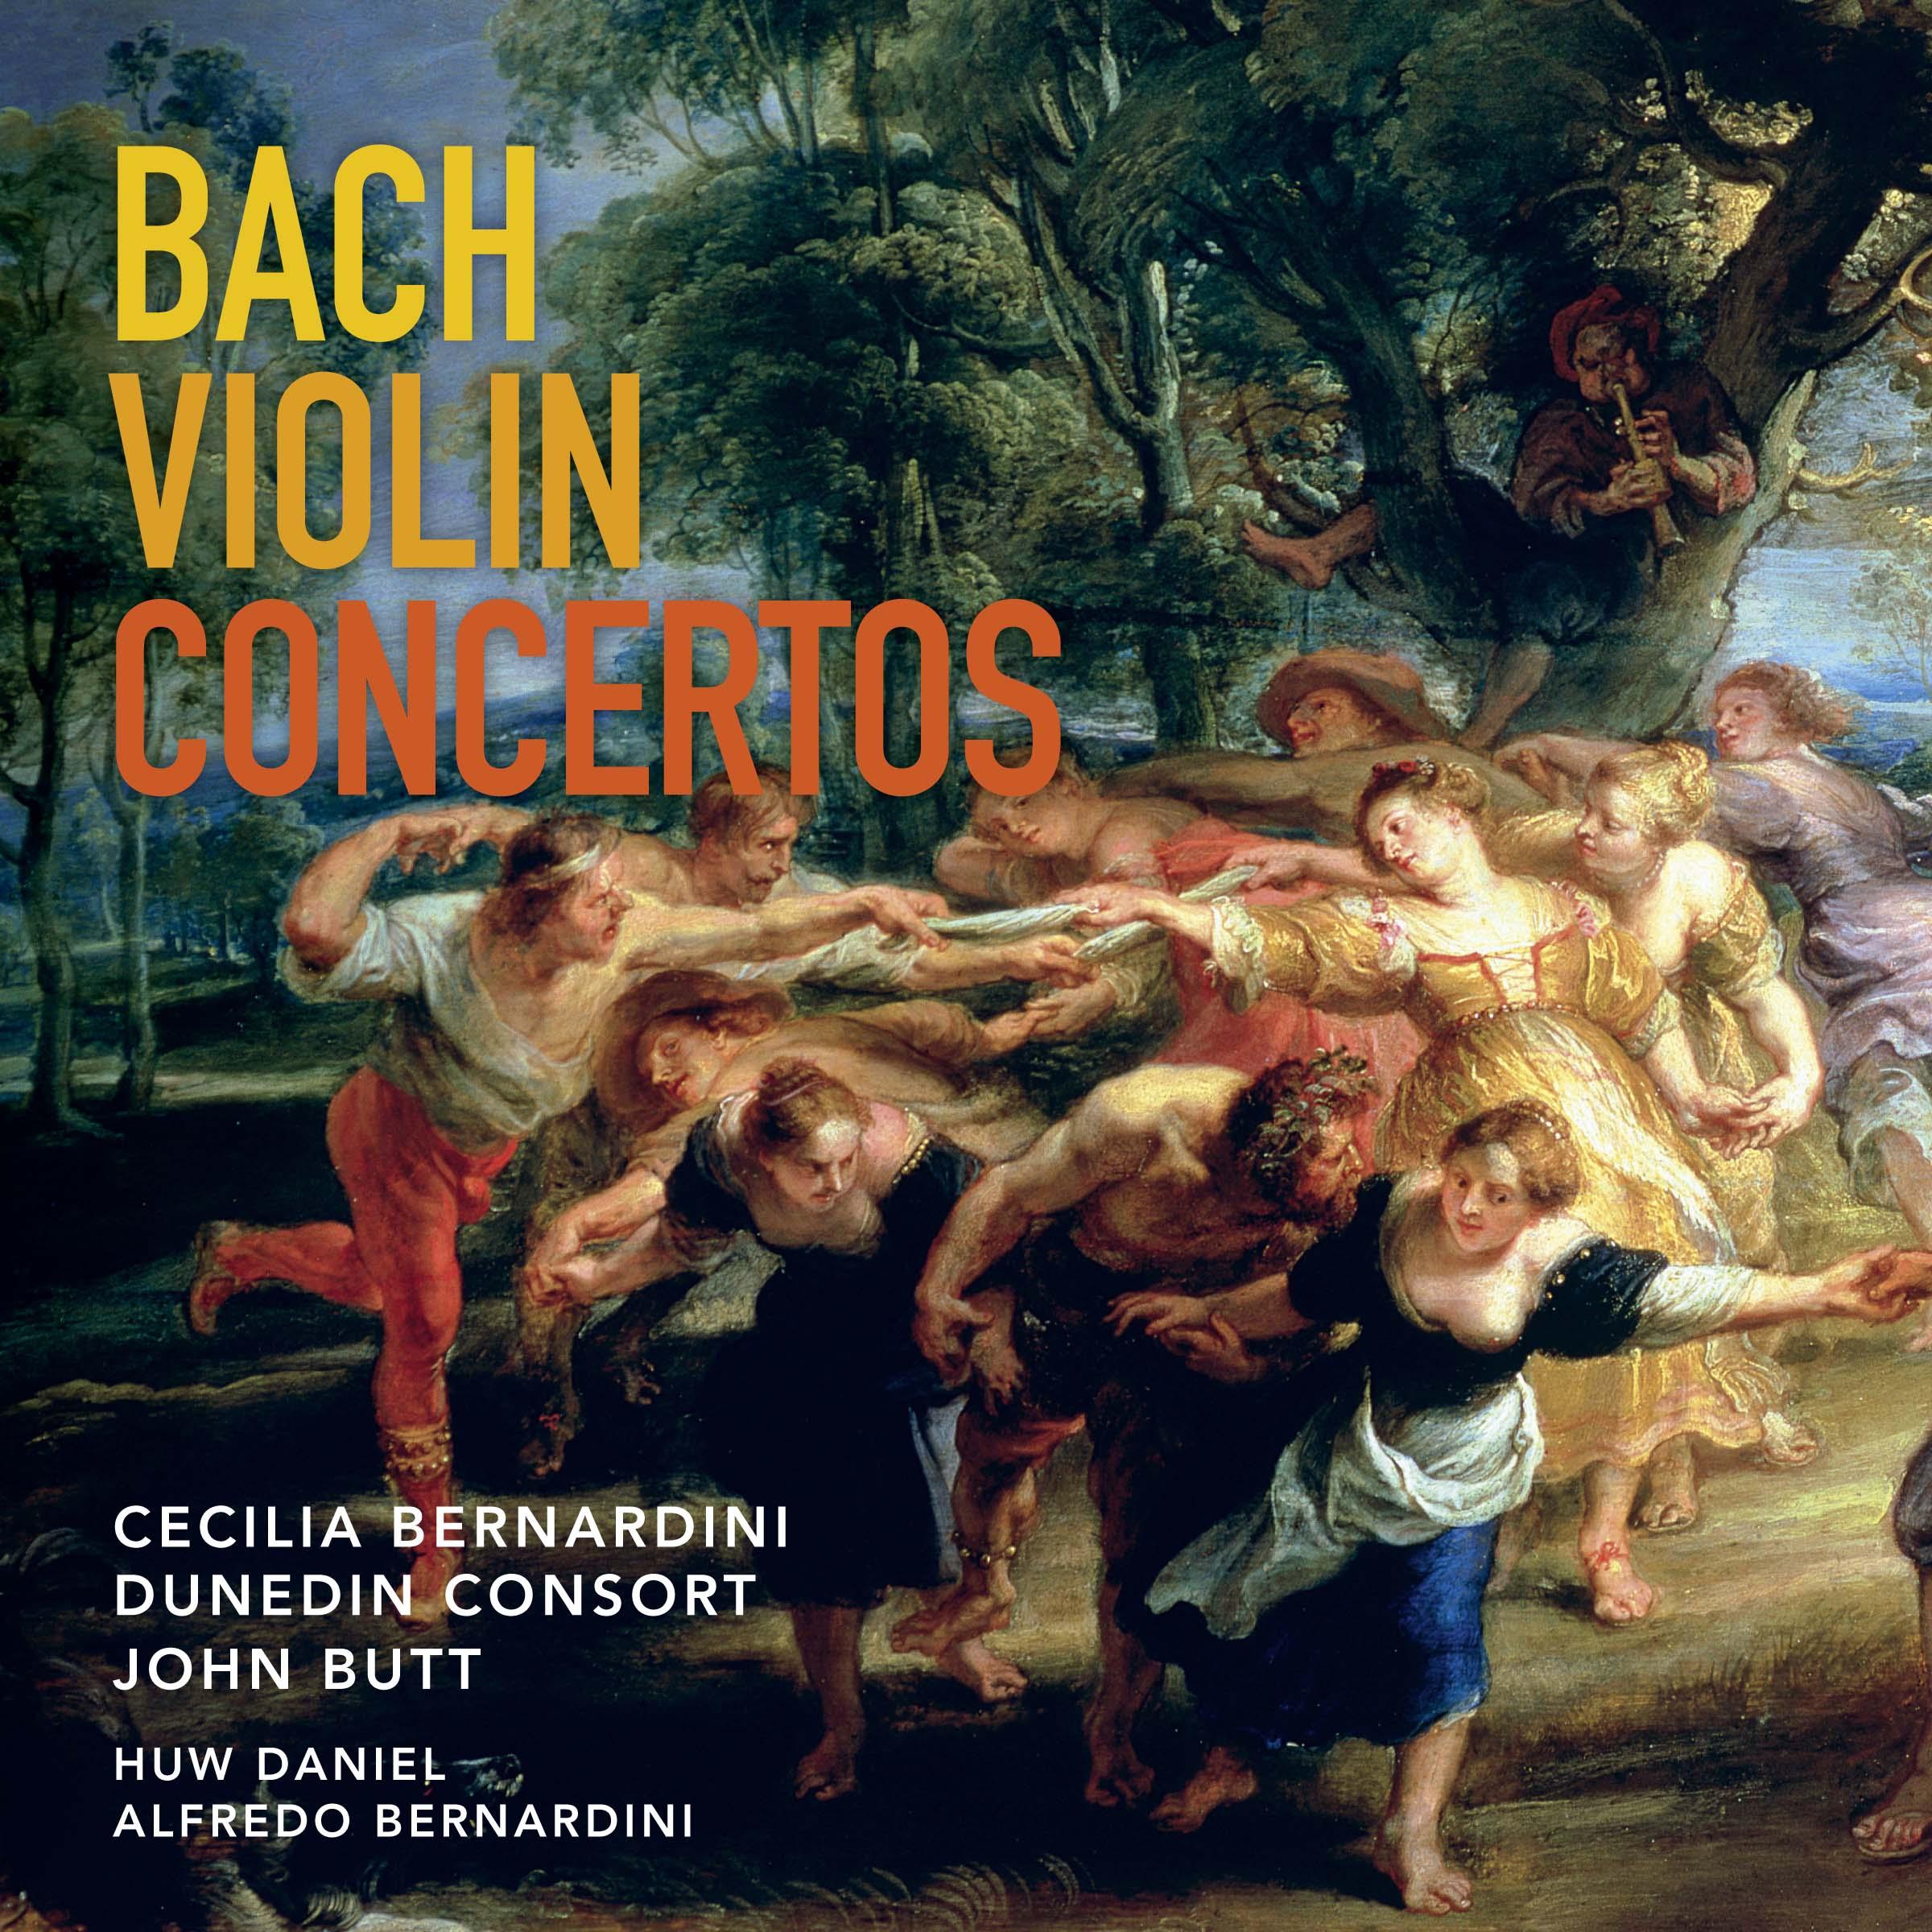 Bach Violin Concertos with Cecilia Bernardini